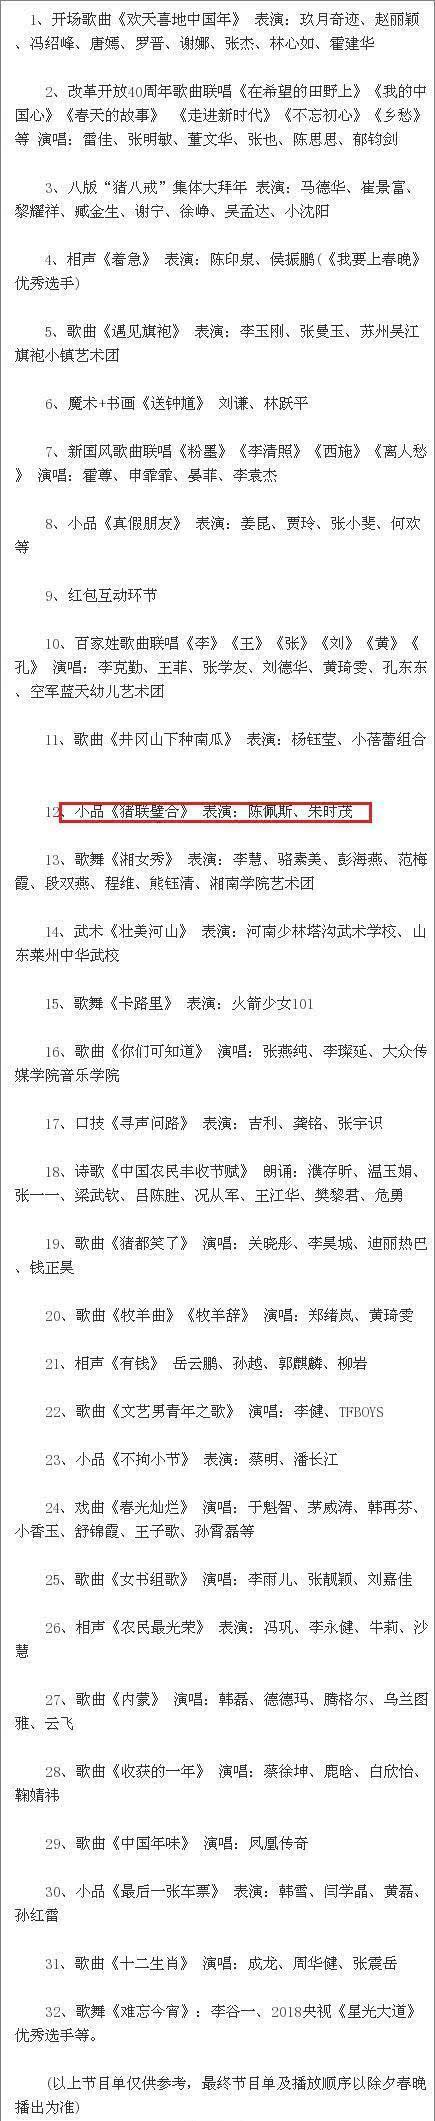 陈佩斯朱时茂回归央视春晚?知情人:节目单没定